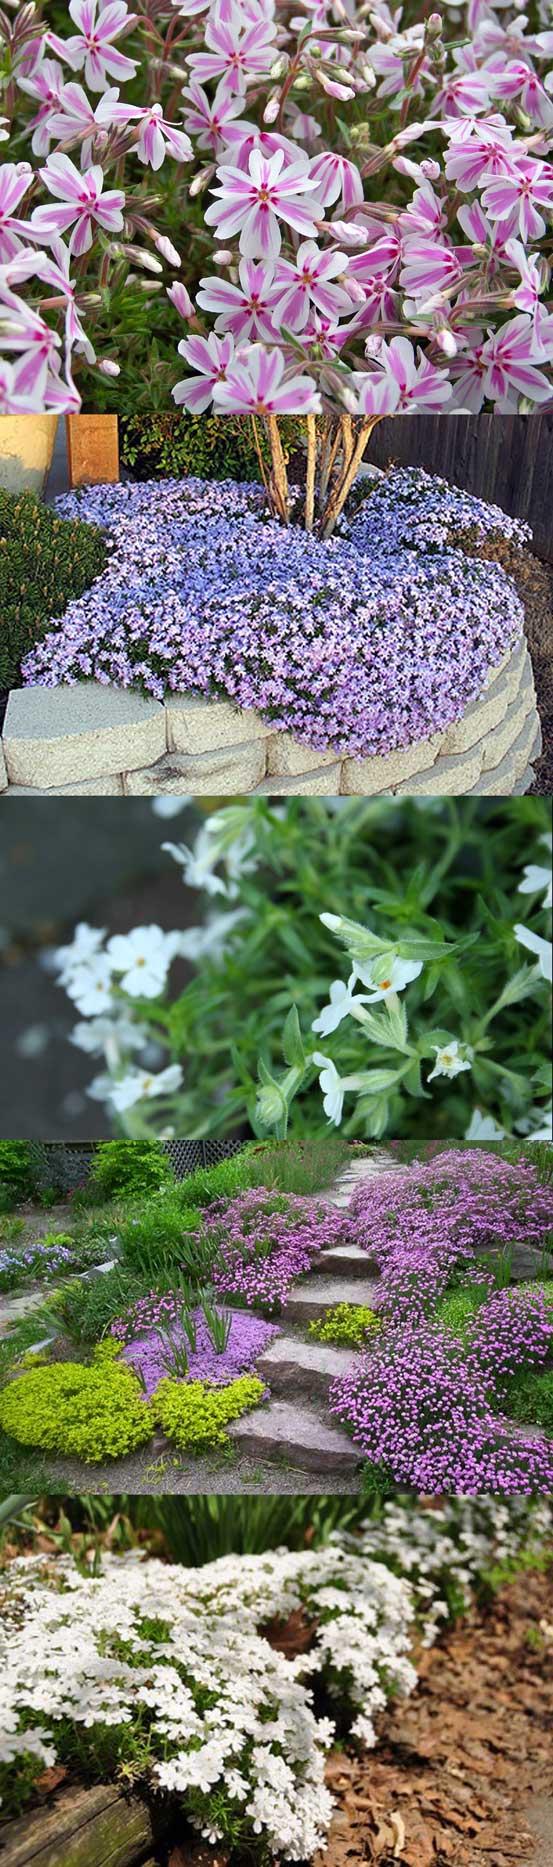 plante vivace couvre sol feuillage persistant floraison. Black Bedroom Furniture Sets. Home Design Ideas